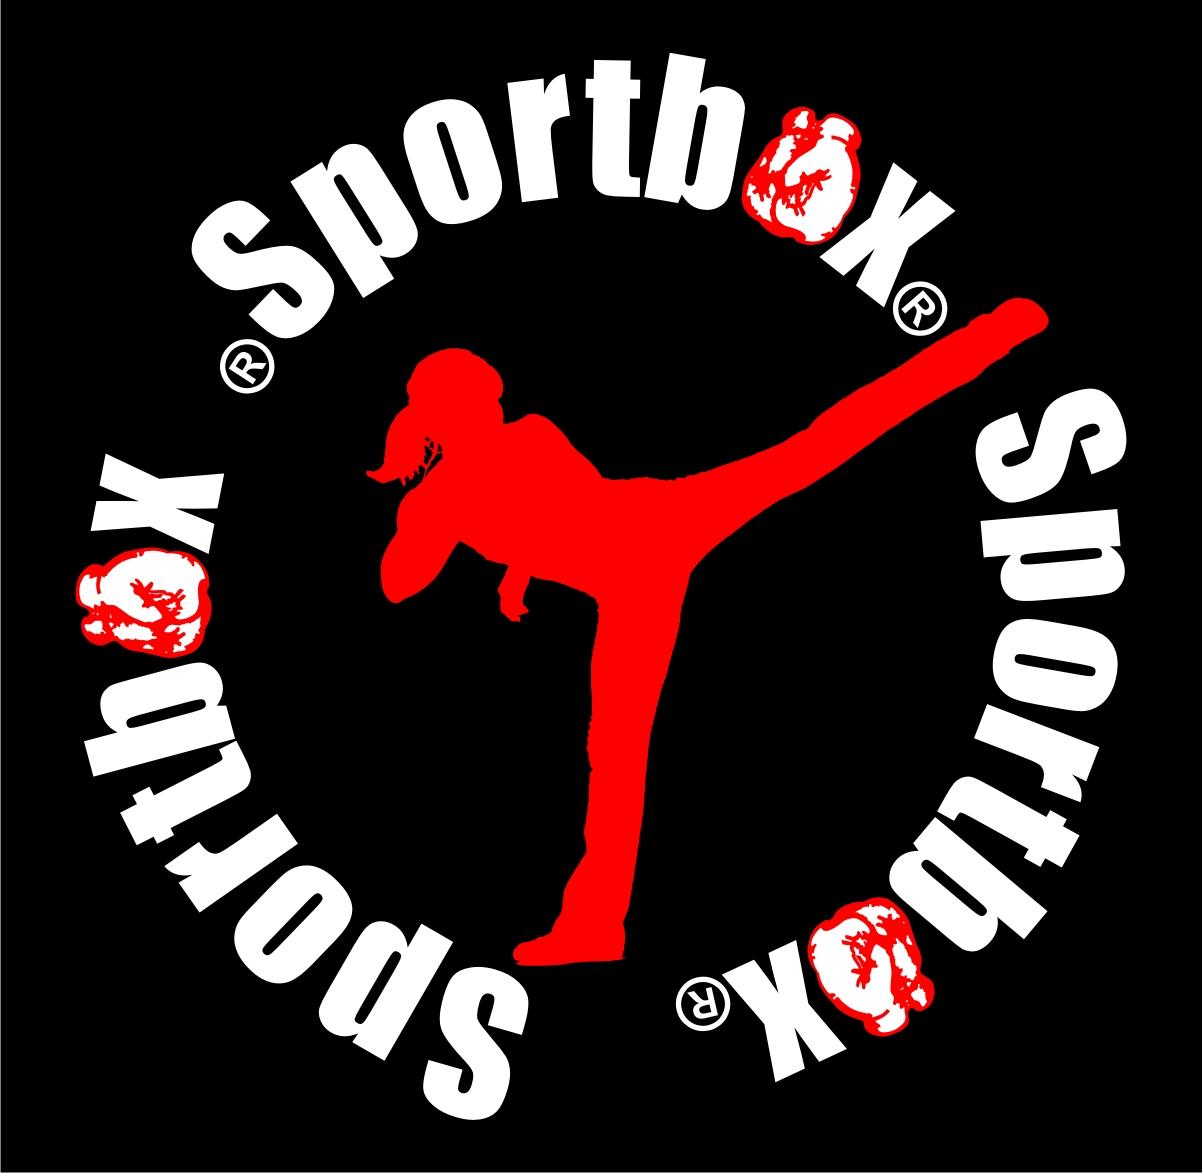 Sportbox by Amy